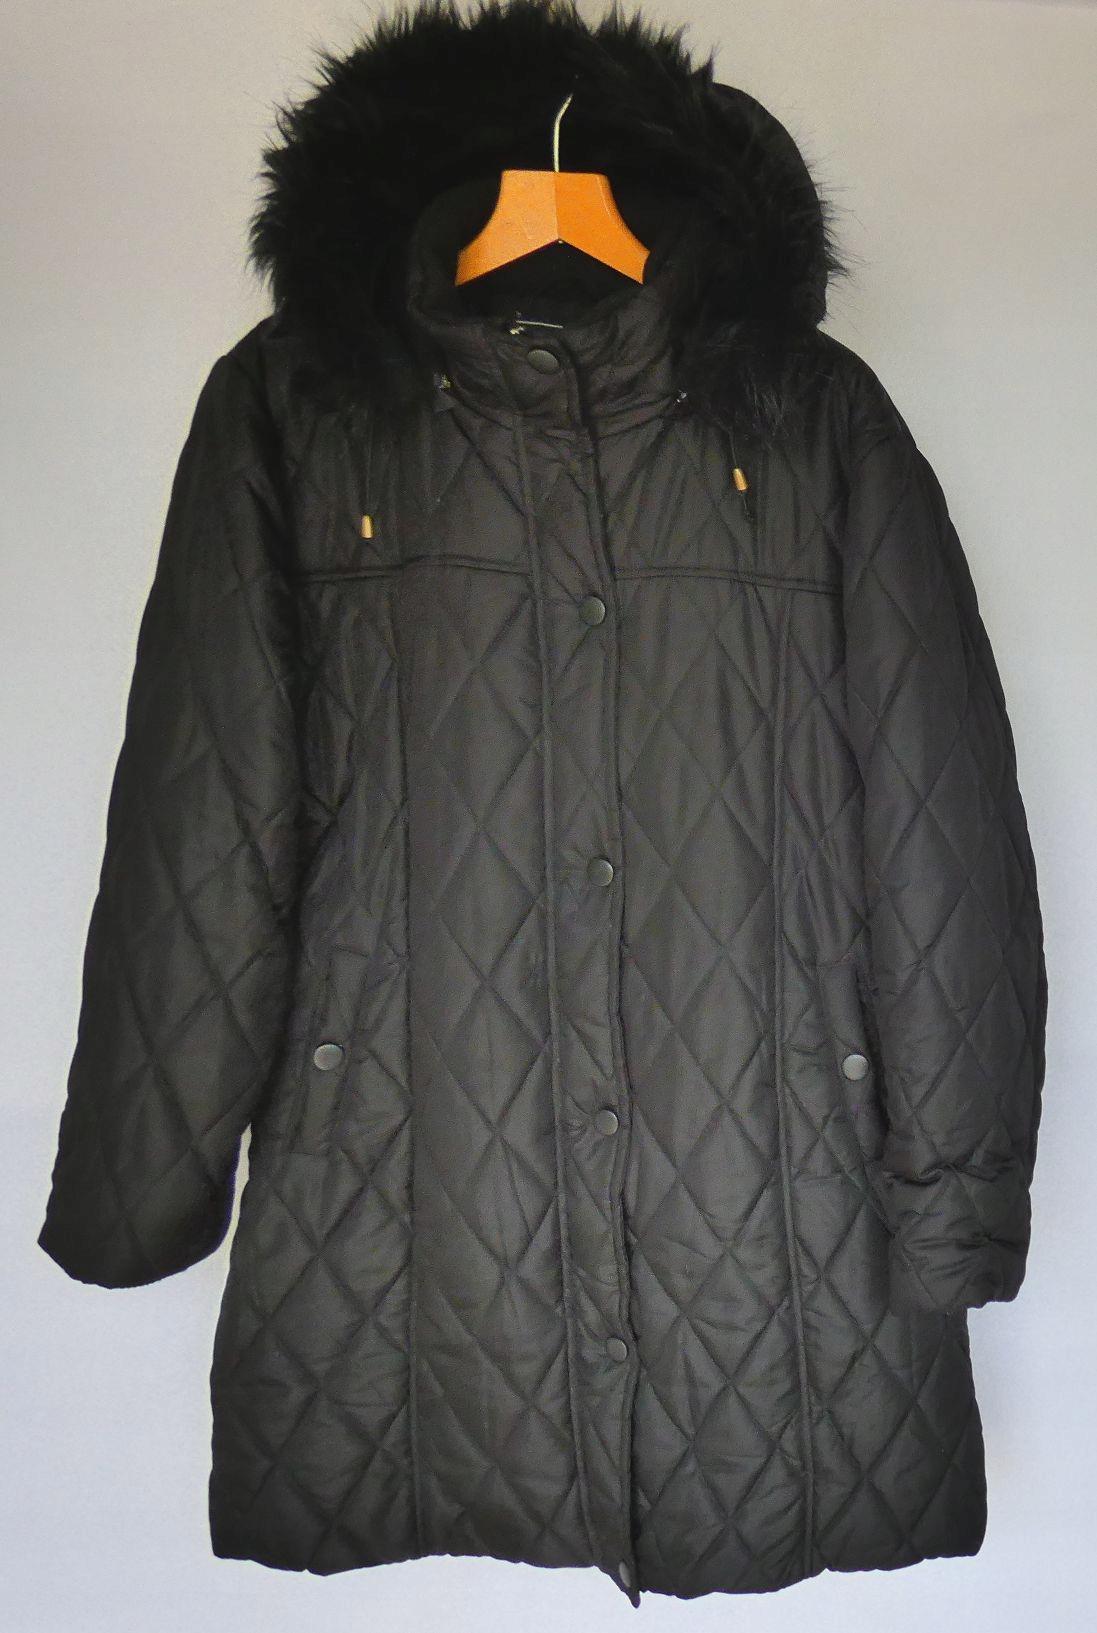 2ed04c247c626 Długa kurtka pikowana z kapturem 48 - 7645239439 - oficjalne ...